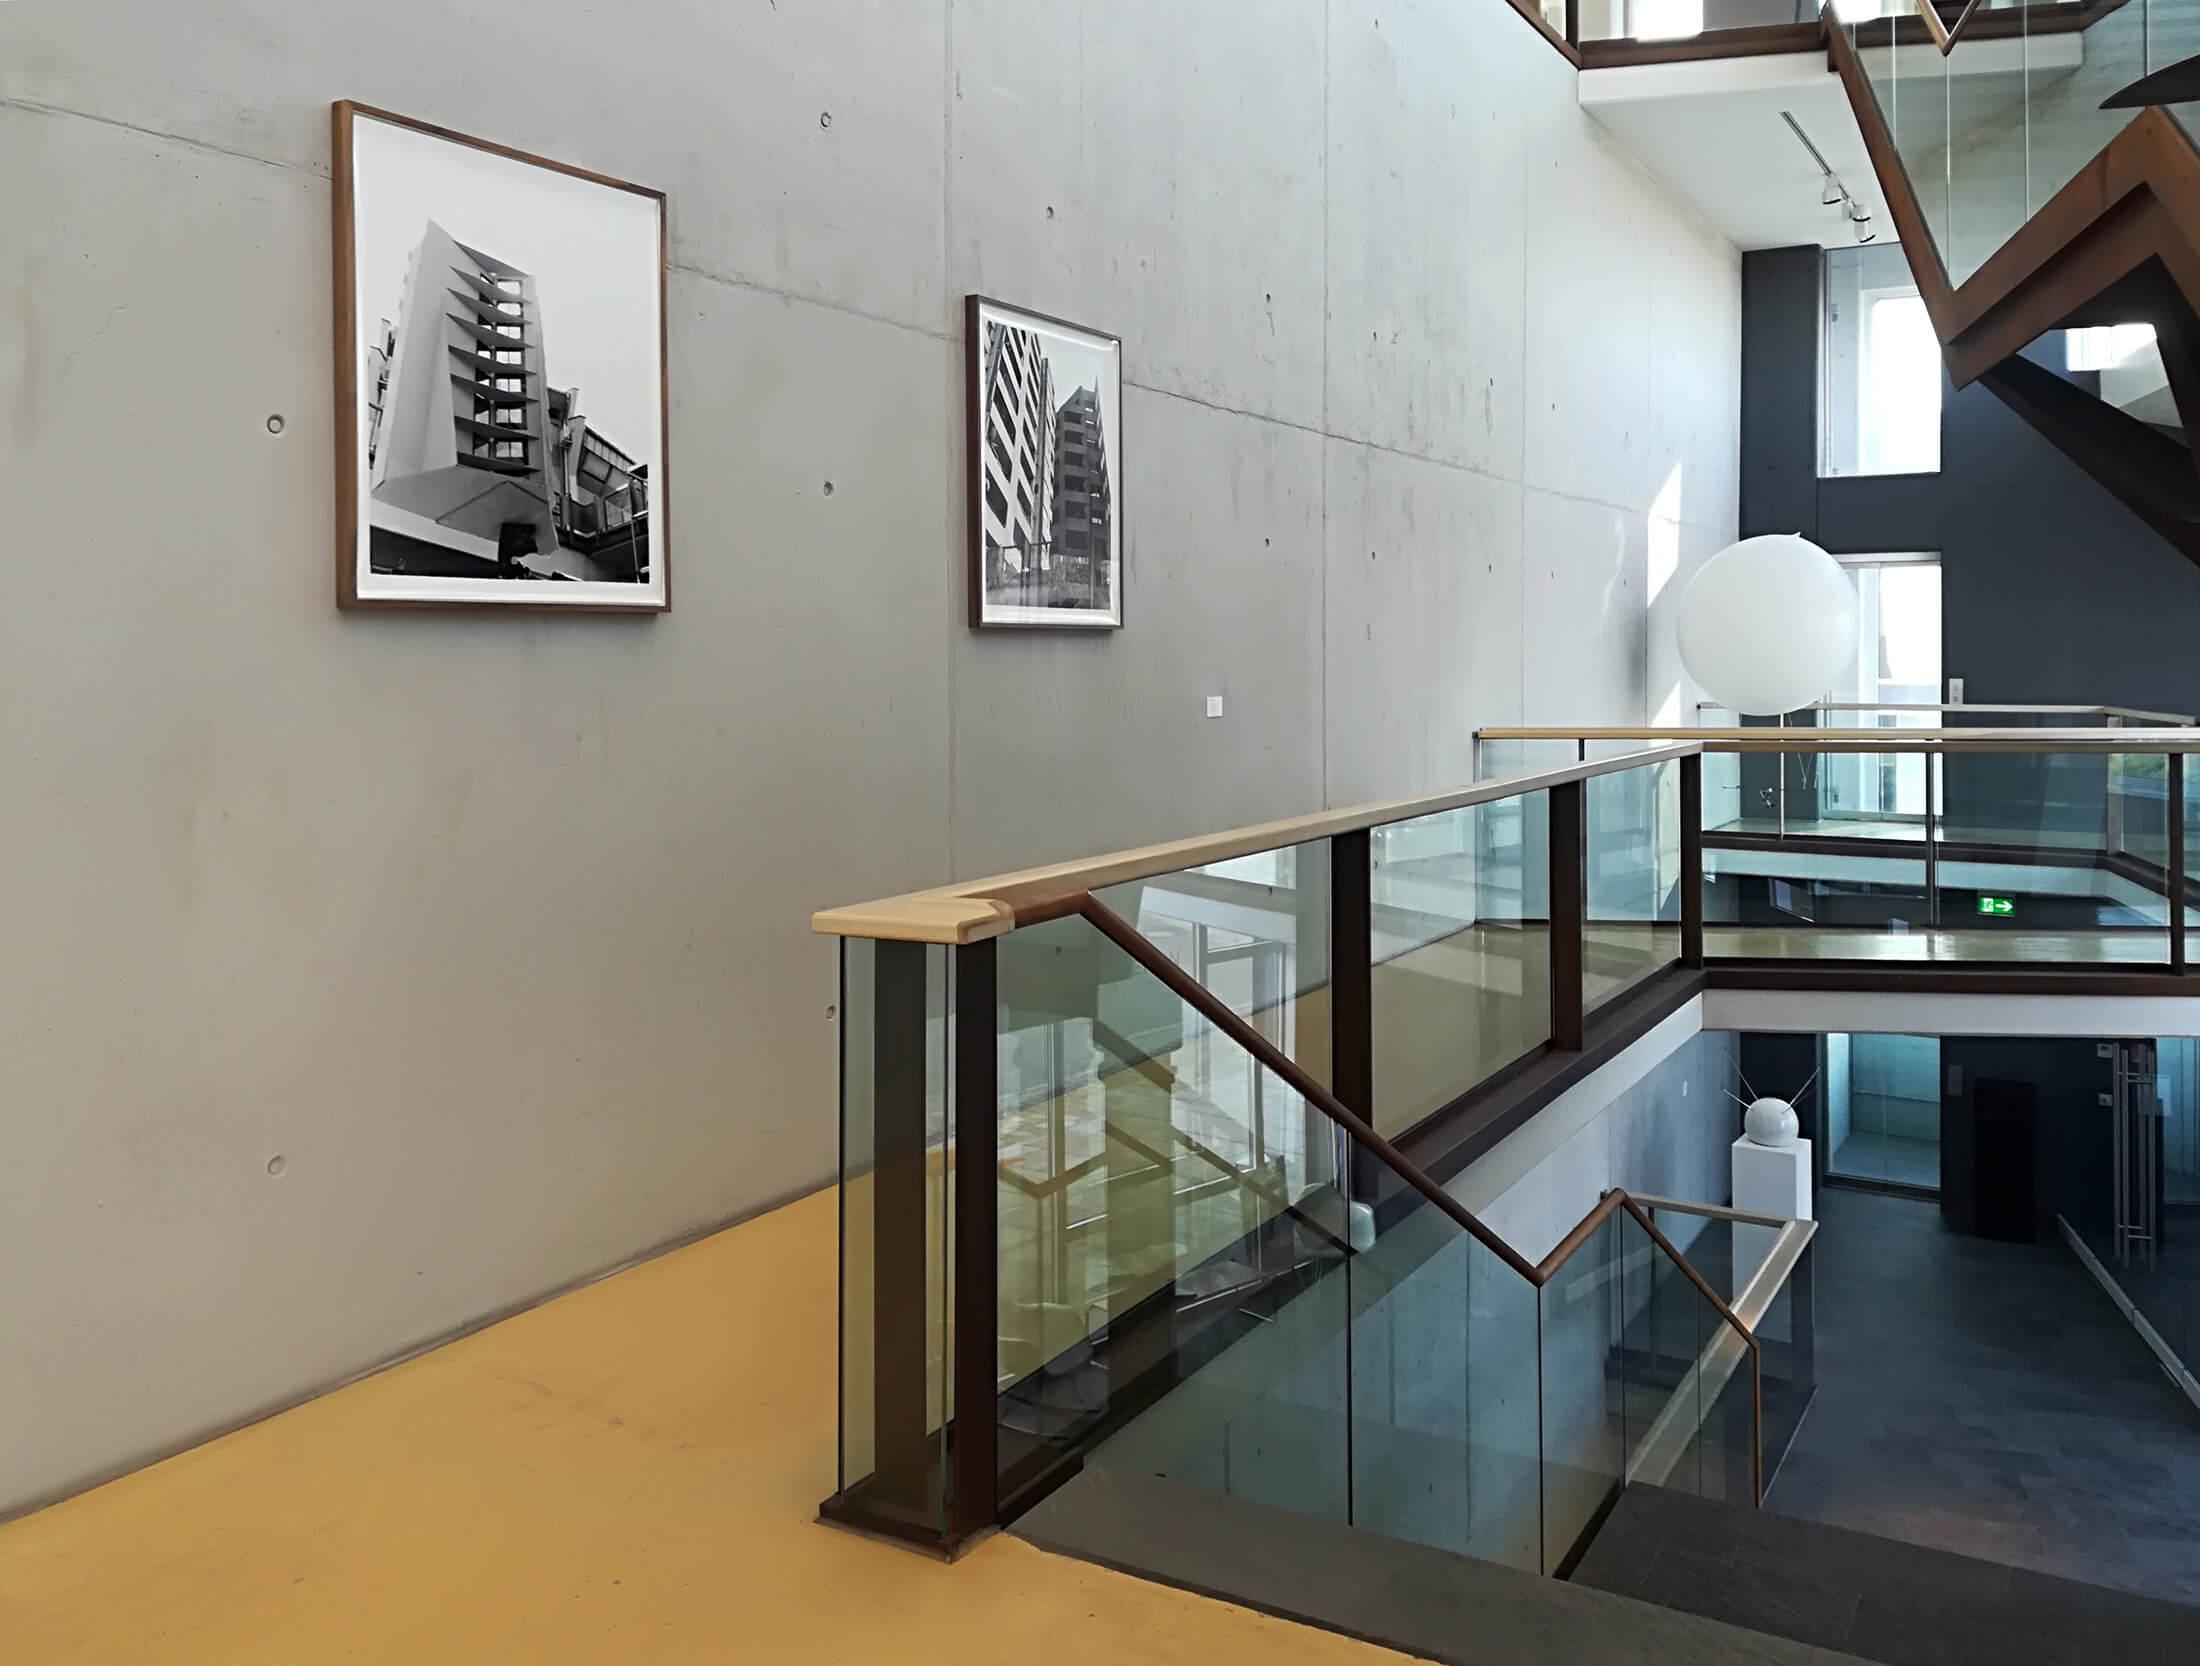 Kunstwerk - Sammlung Klein - Nussdorf - Museum - Kunst - Art - Baden-Württemberg - Hängung #18 - Räumlichkeiten - Julius von Bismarck - Top Shot Helmet - Sinta Werner